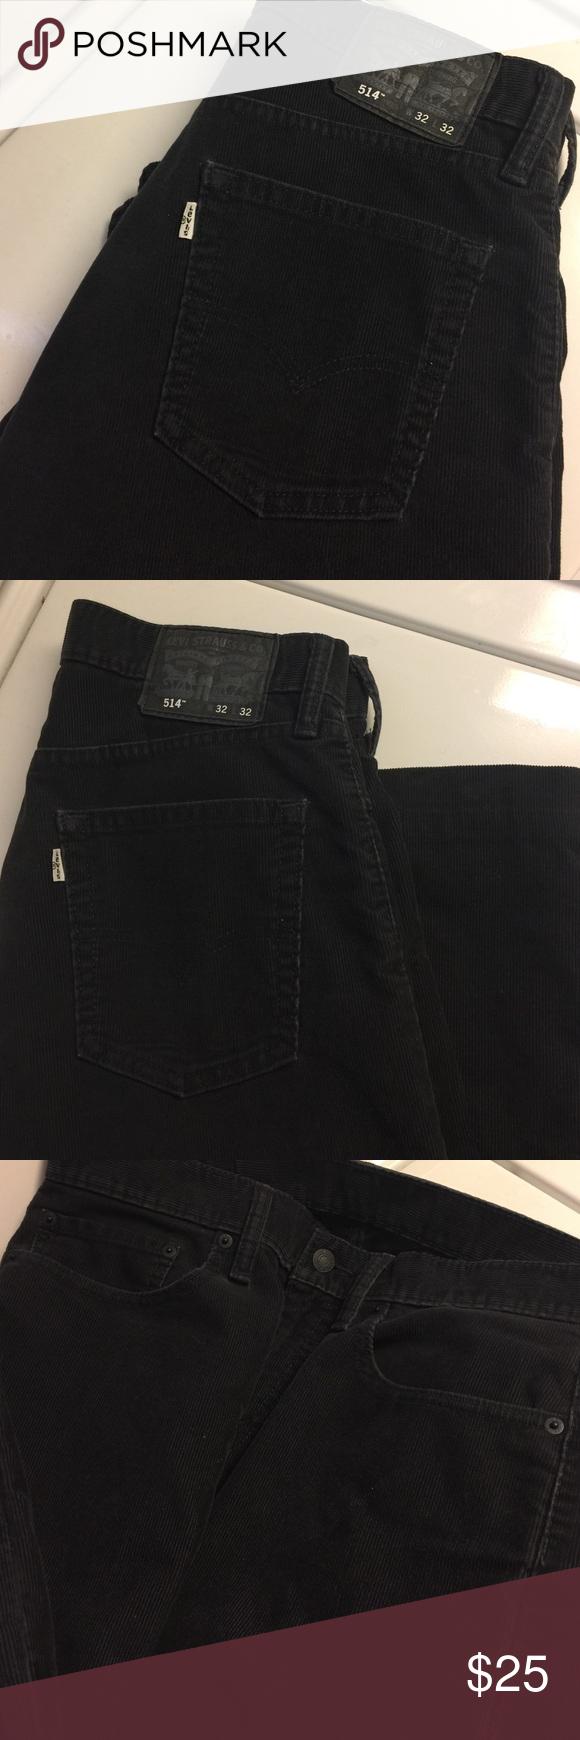 Men's Levi Corduroy's 32X32 Style 514 Size 32 x32 - no defects - New Condition Levi's Pants Corduroy